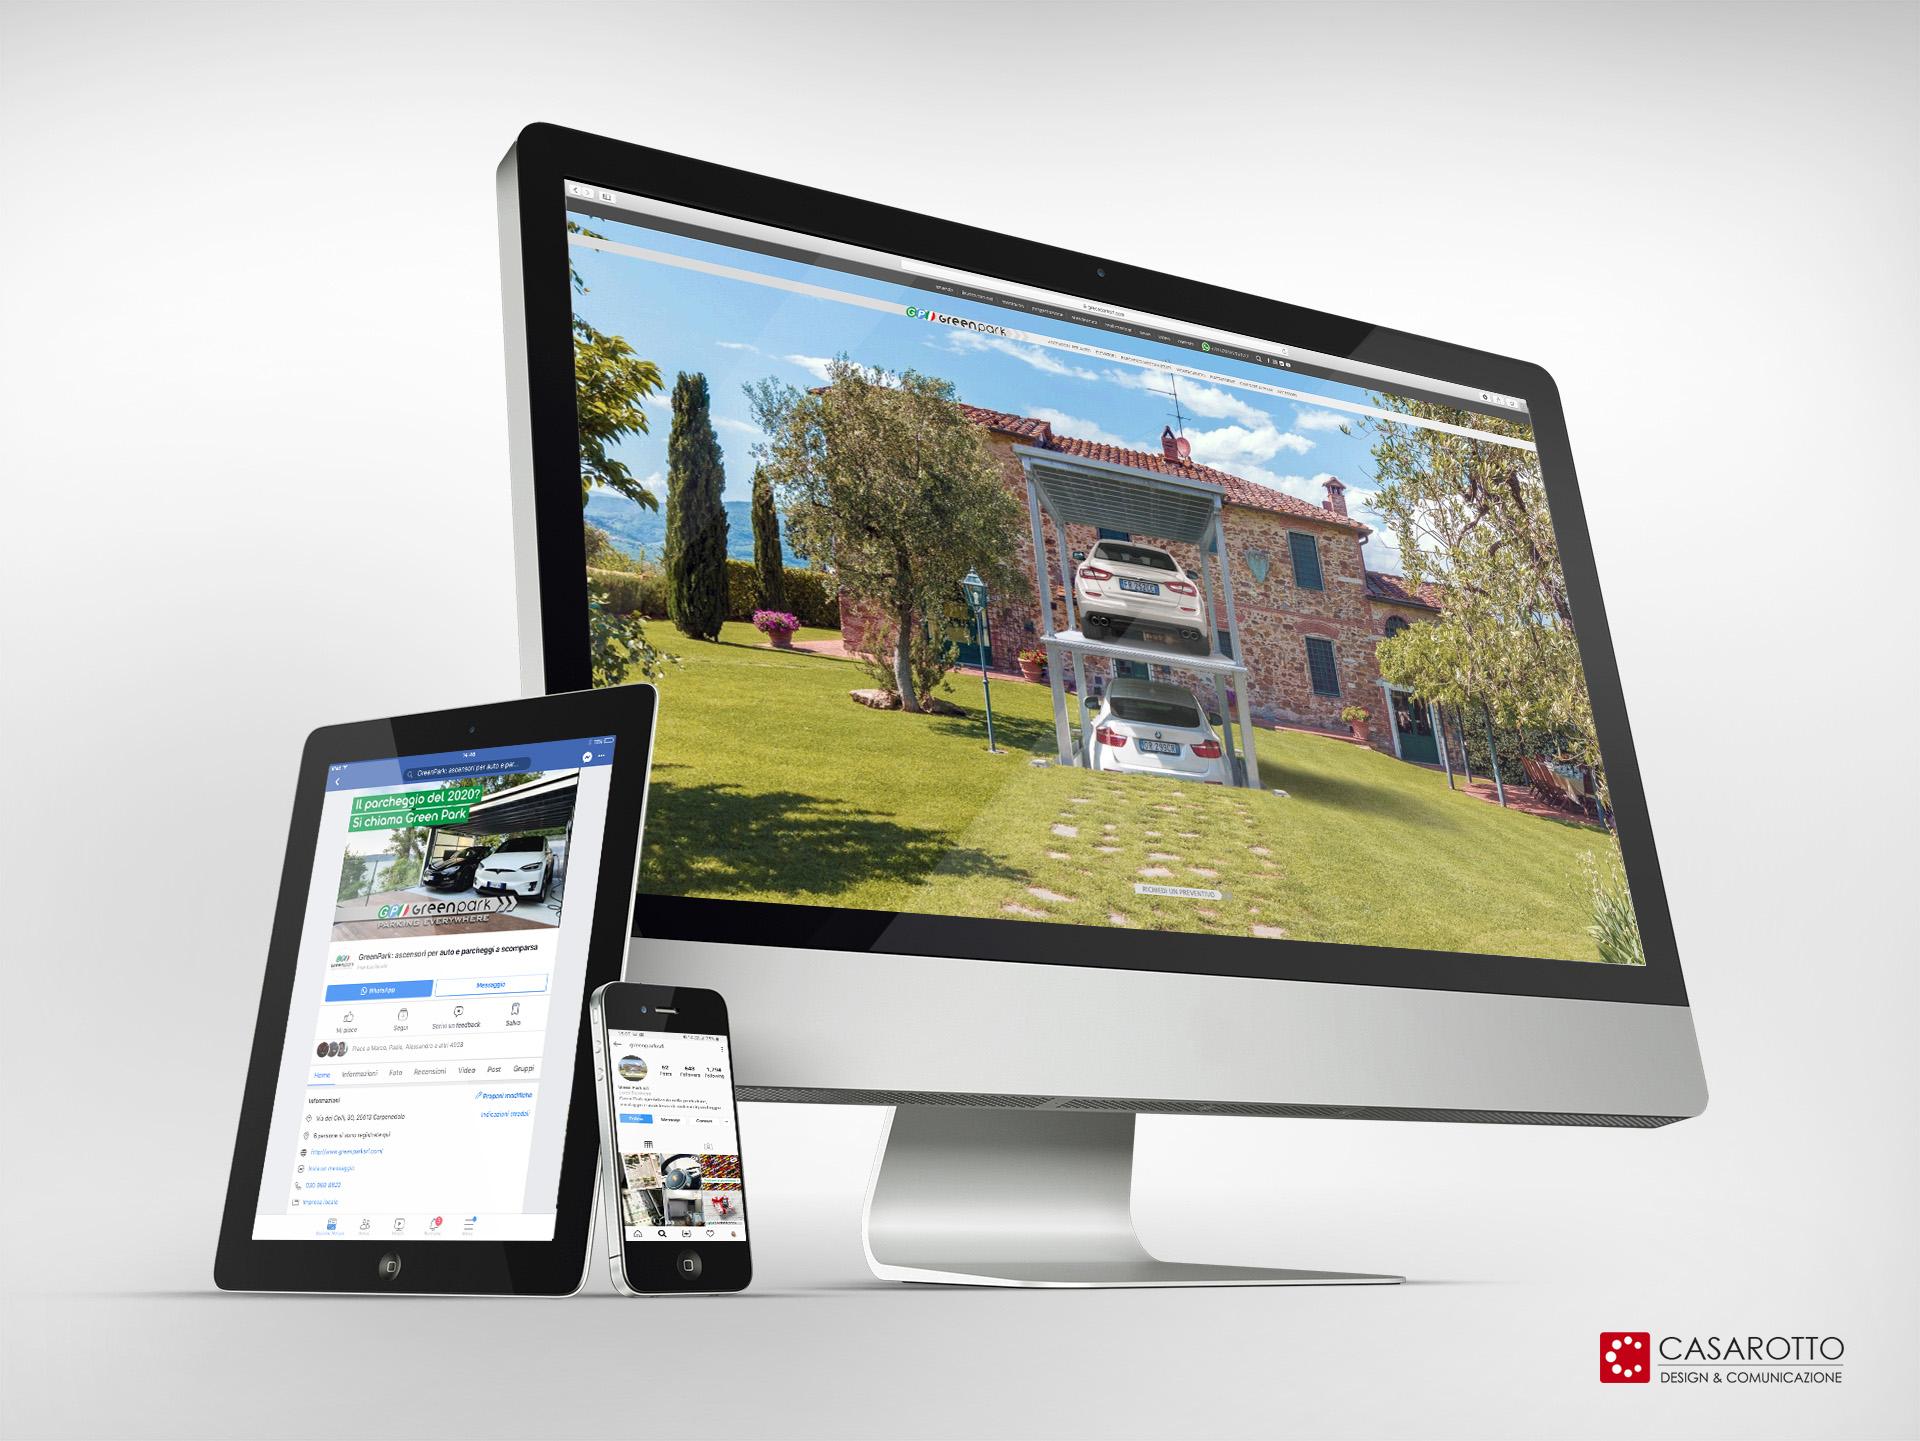 casarotto design comunicazione architettura agenzia castiglione stiviere mantova social siti web brand greenpark pubblicità marketing